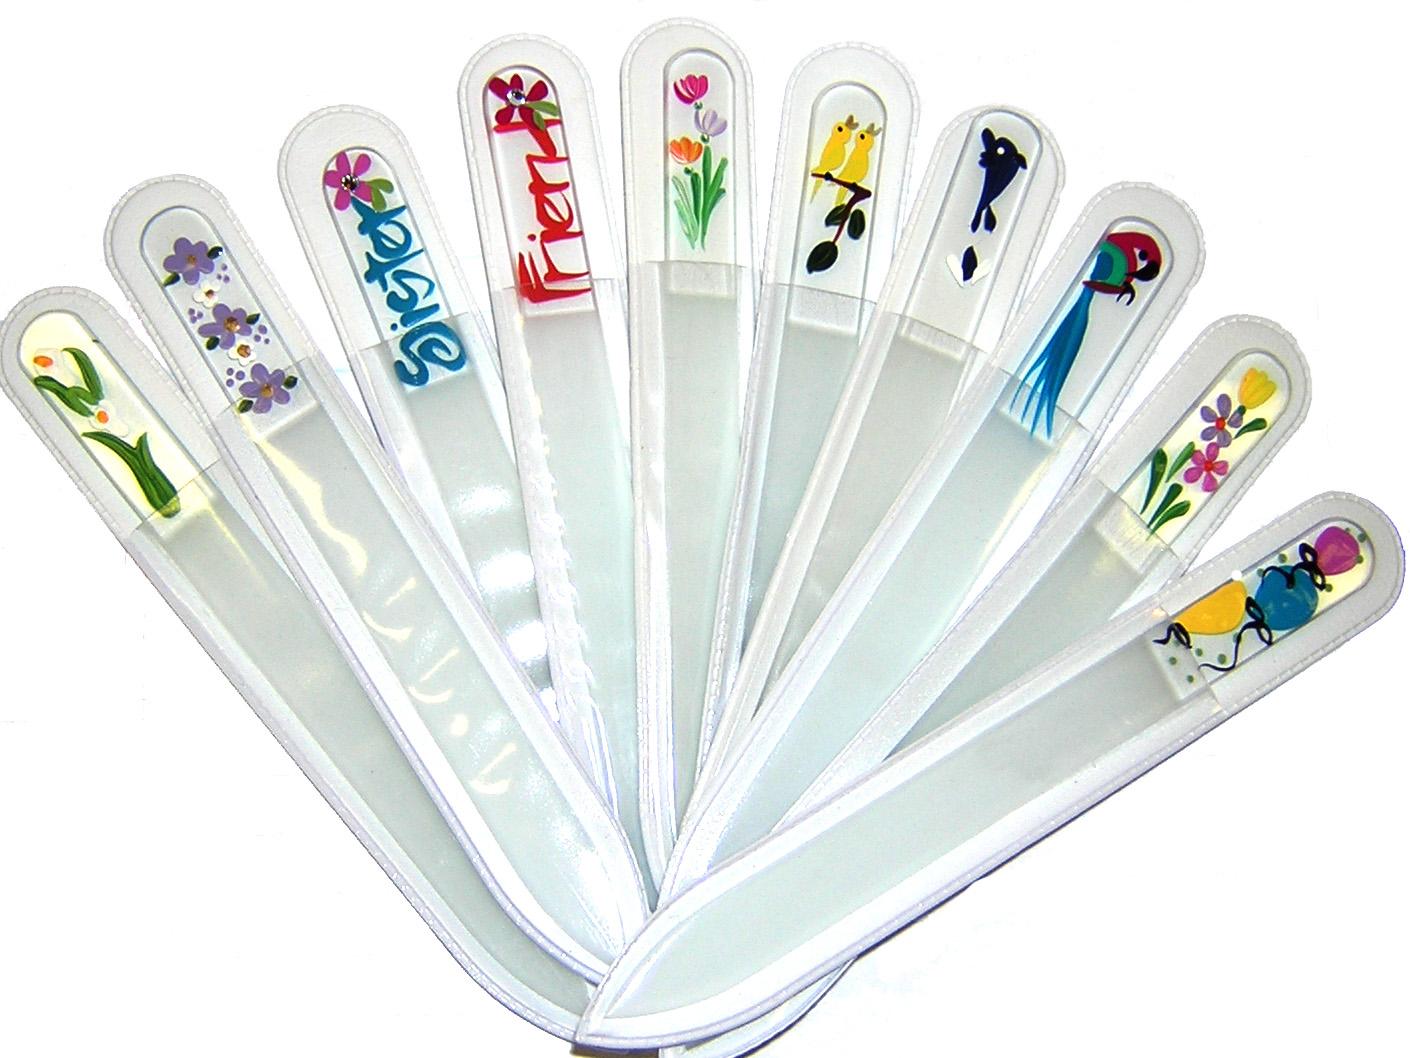 Vilcis nail designs: Limas de uñas